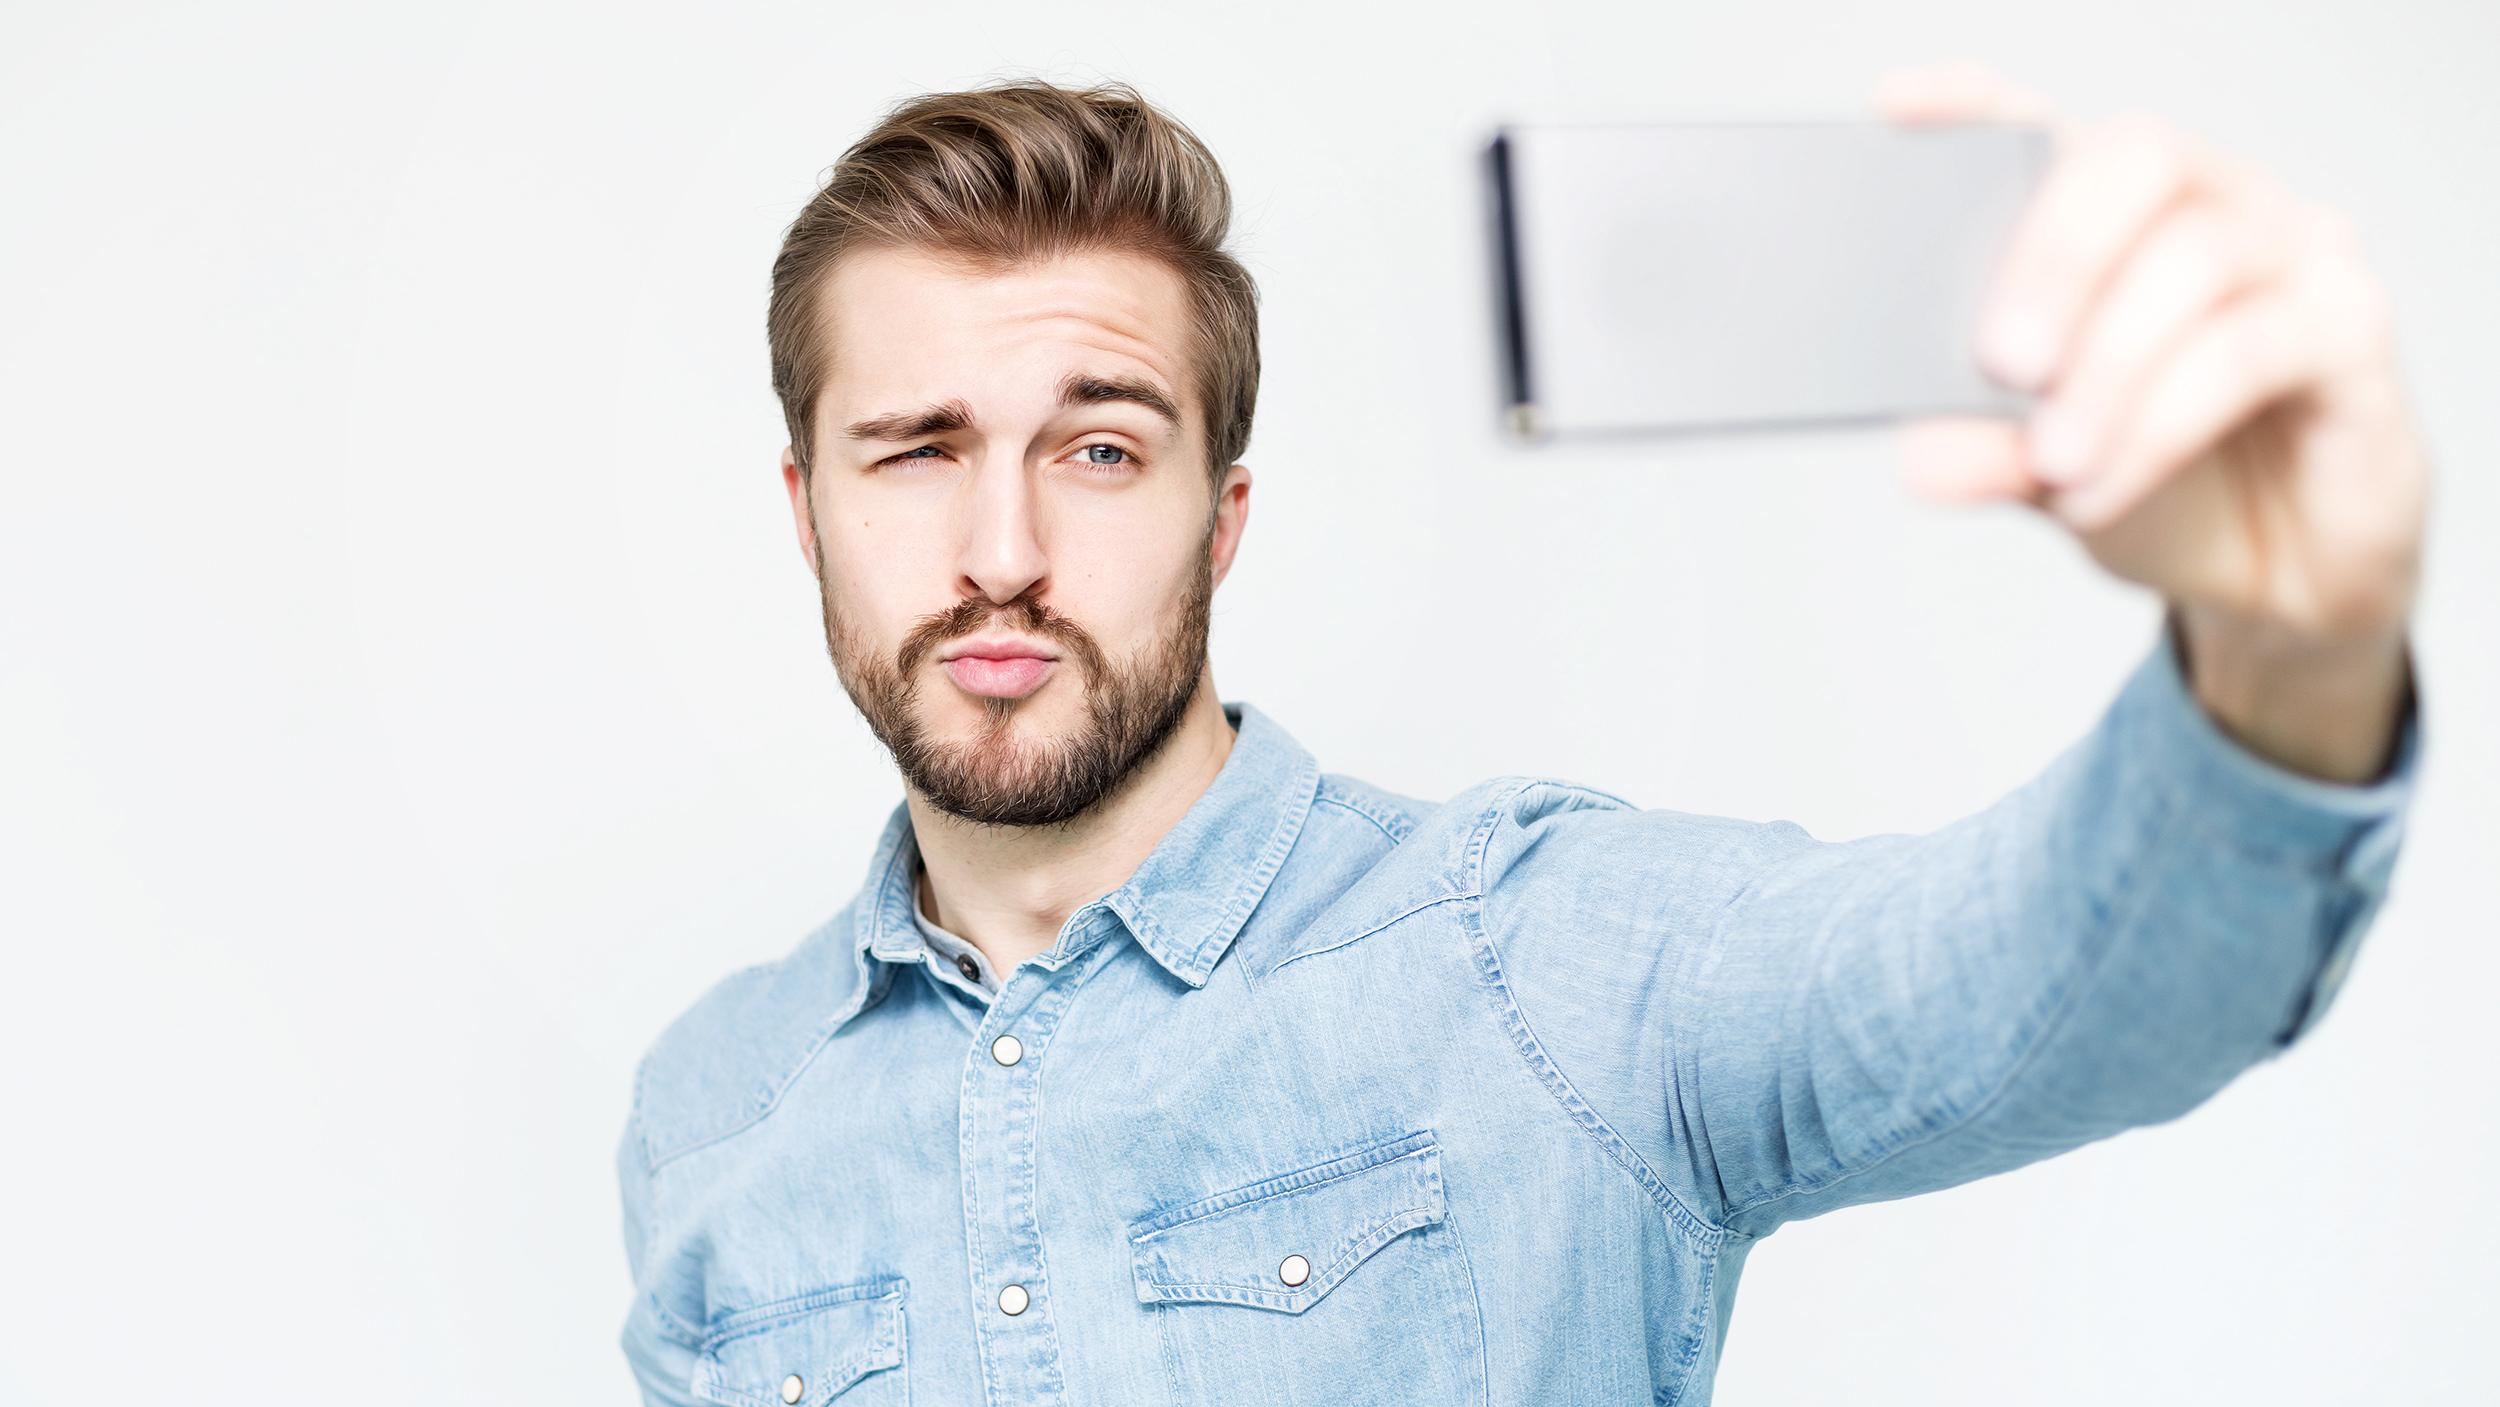 A guy taking a selfie